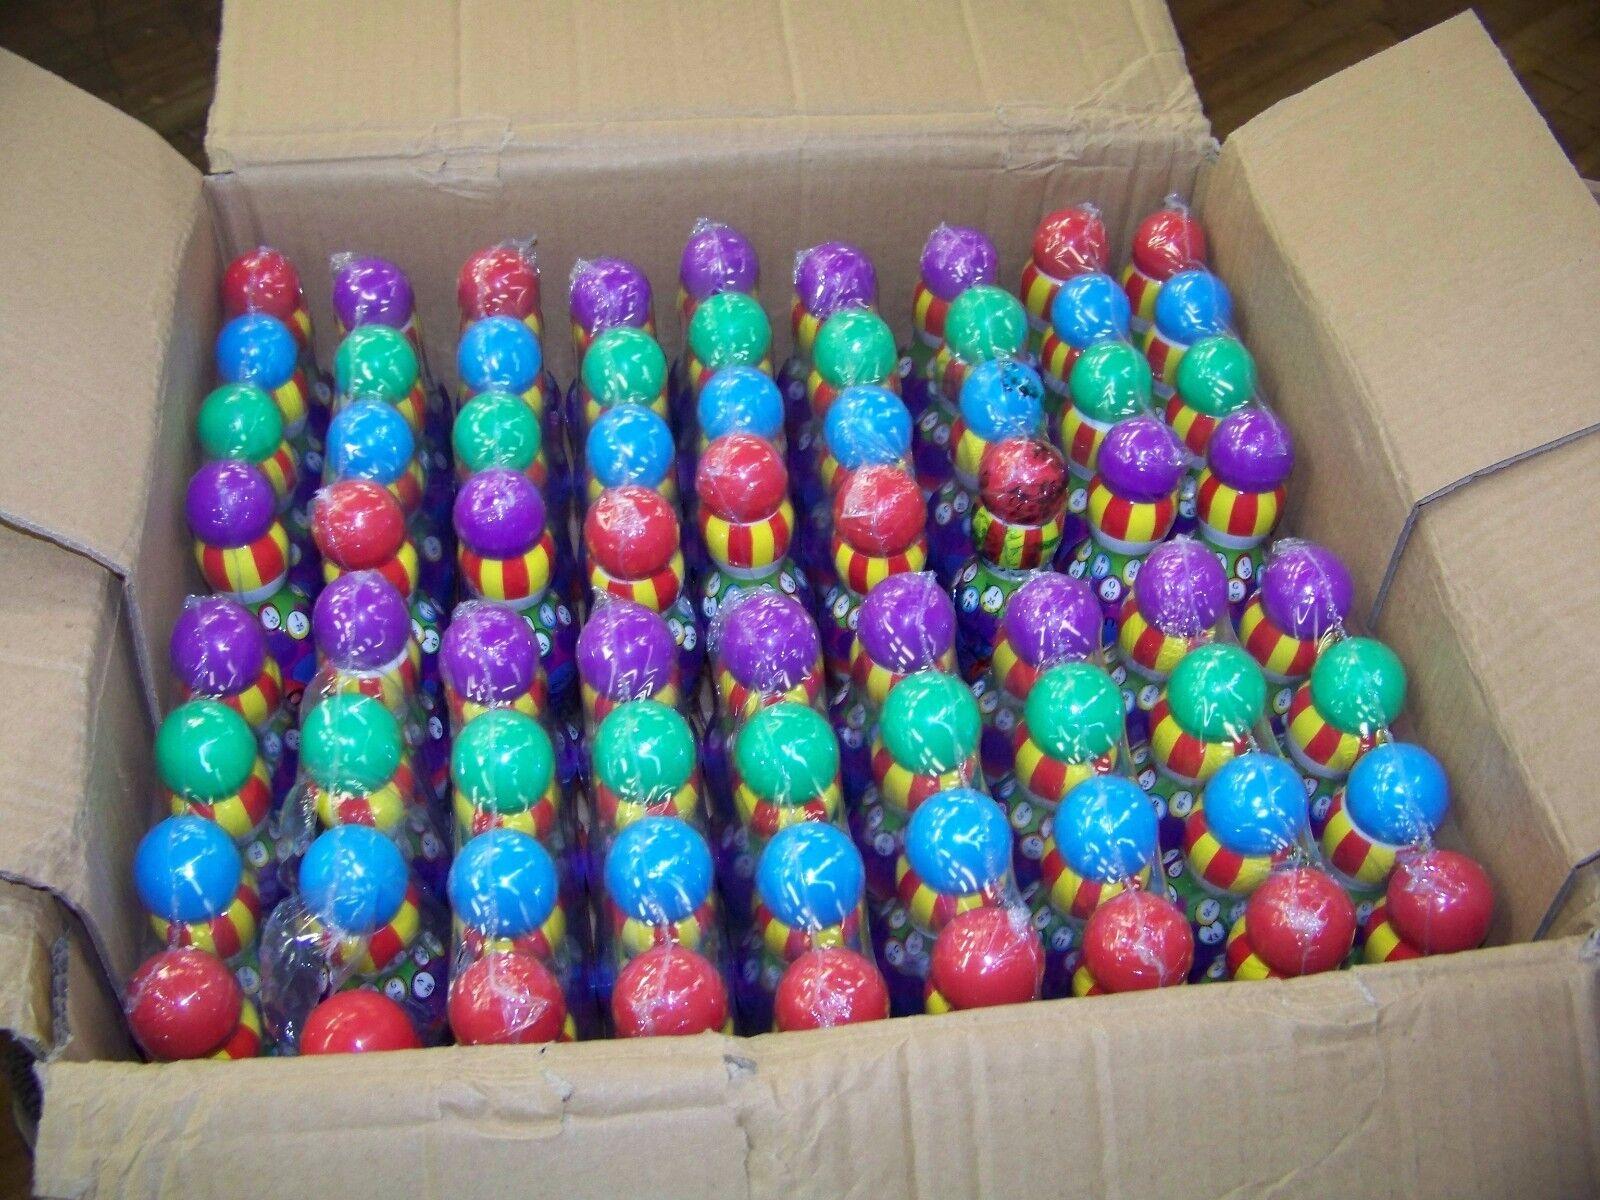 plata Estrella marca las avispas constructoras de Bingo 36 paquetes de 4 cada envase 144 total P N 348293